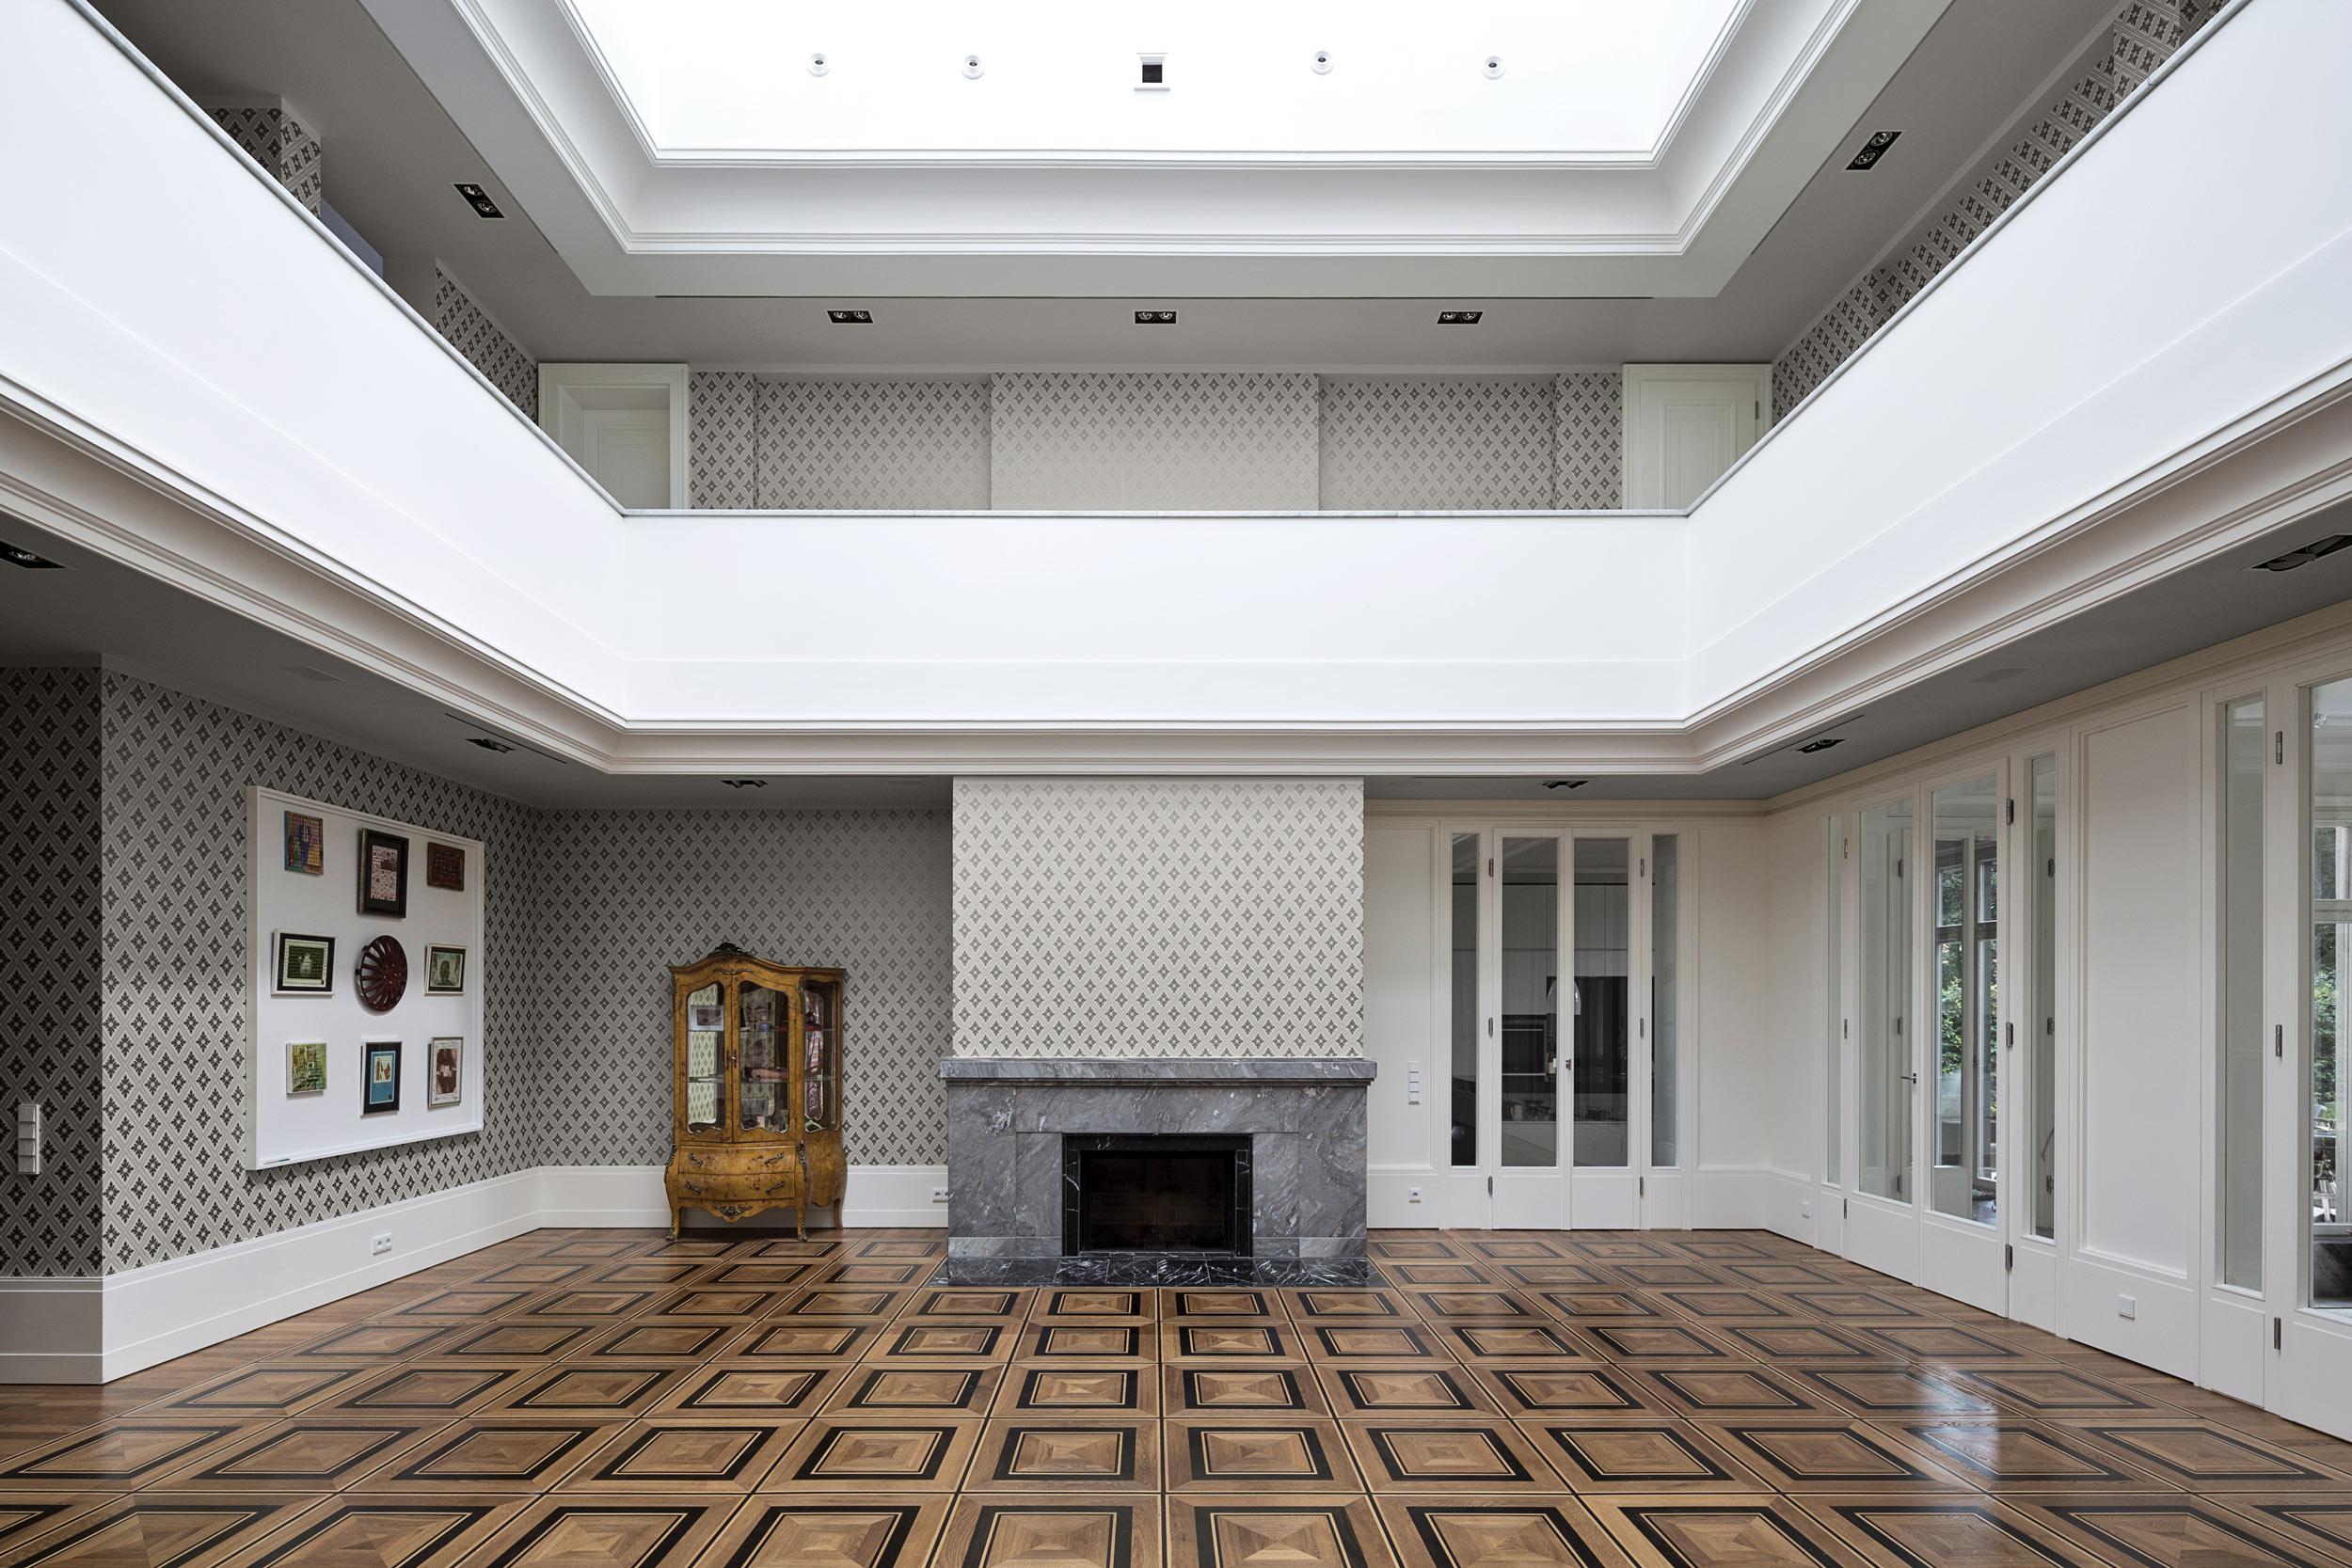 Neubau einer Villa im neoklassizistischen Stil - Die Halle mit Galerieebene handgerfertigtem Tafelparkett und profiliertem Marmorkamin